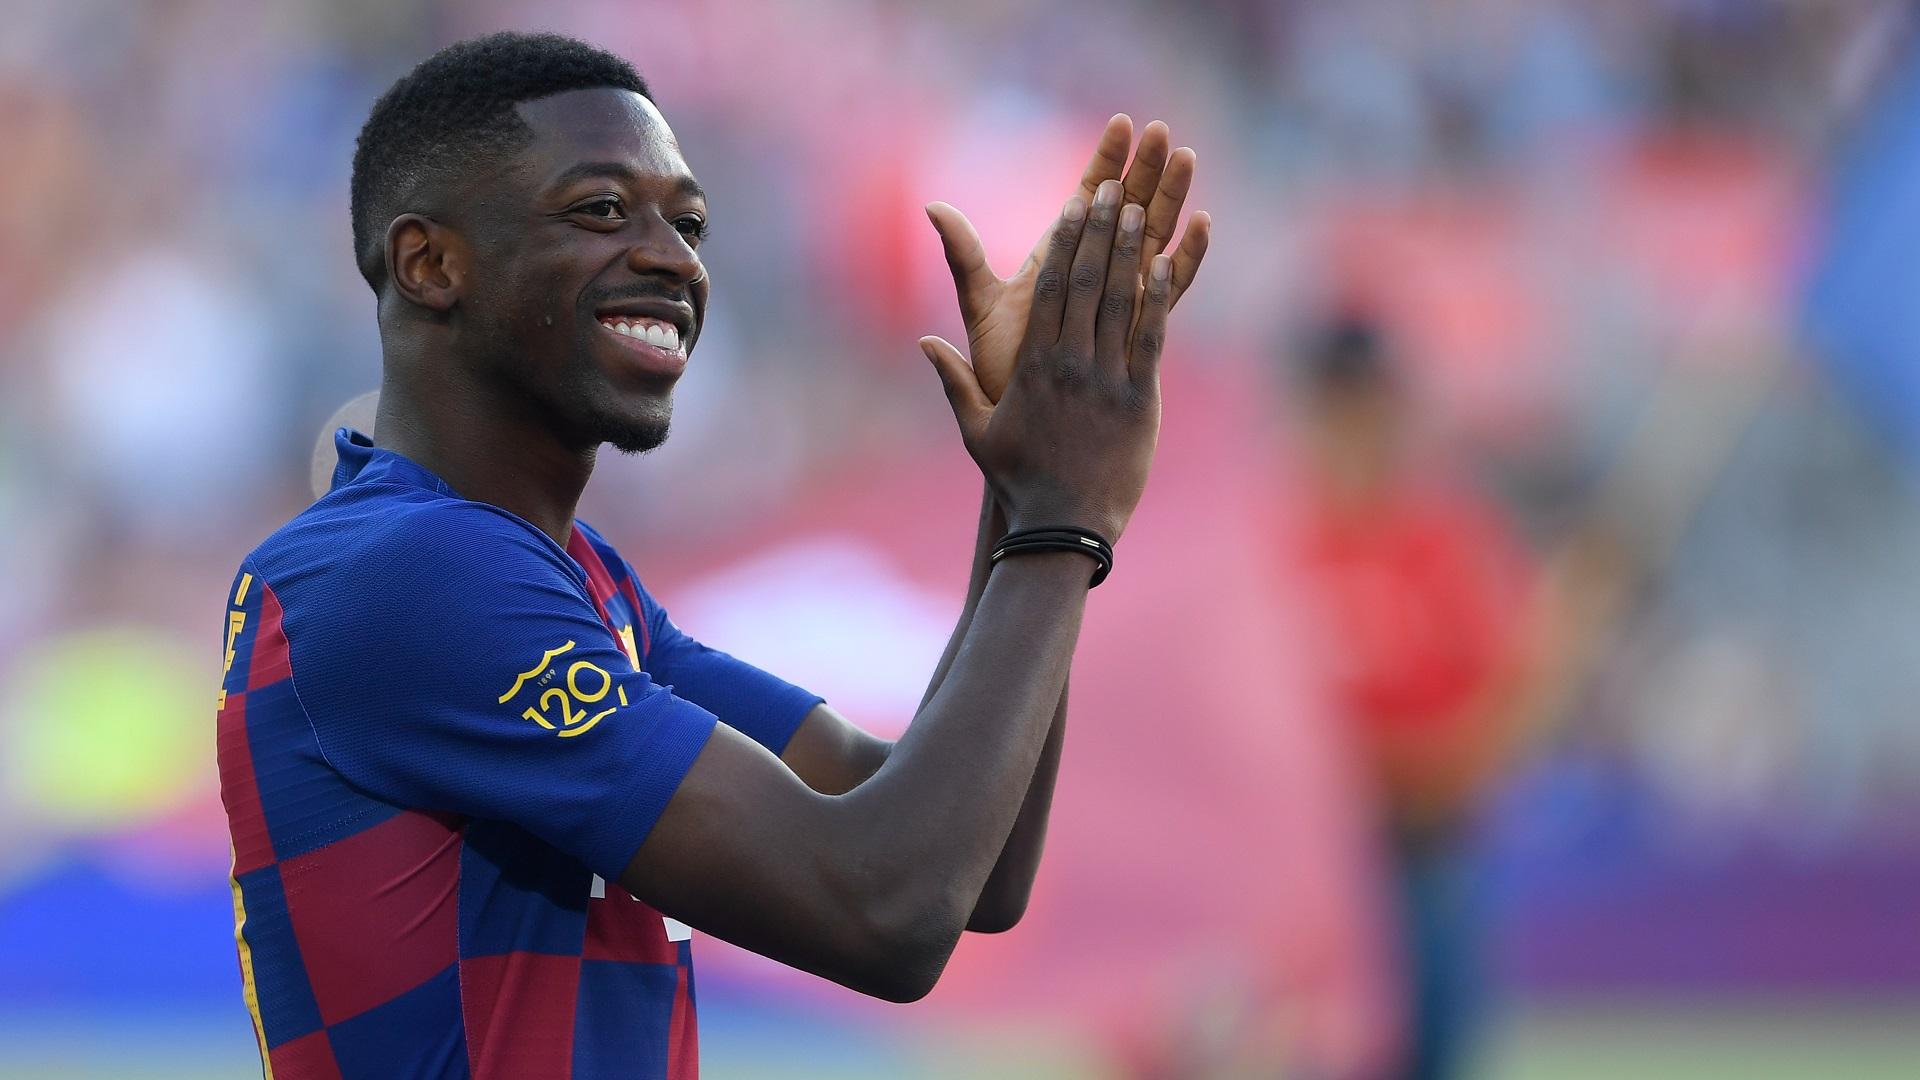 'Dembele is a bandit!' - Ex-Dortmund scout Mislintat defends Barcelona winger's 'successful' transfer